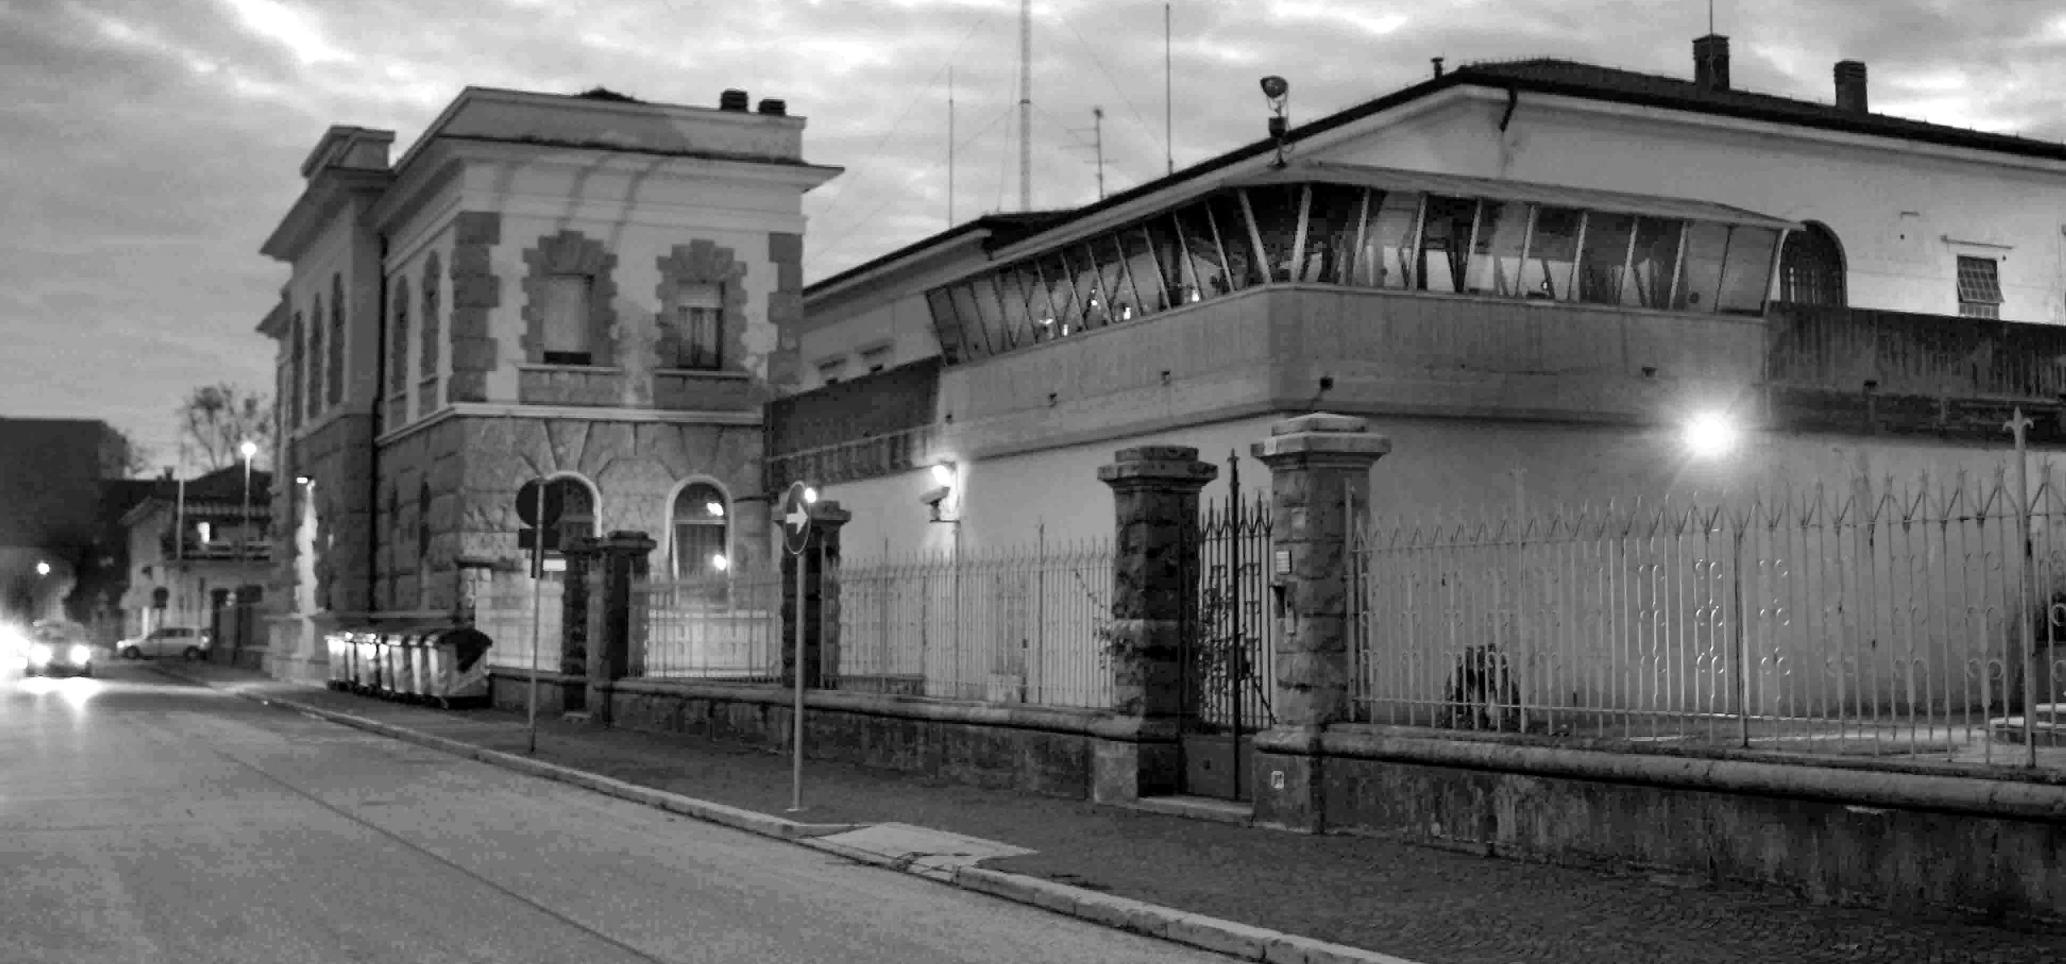 Comunicato da Udine sul decesso di un prigioniero al carcere di via Spalato